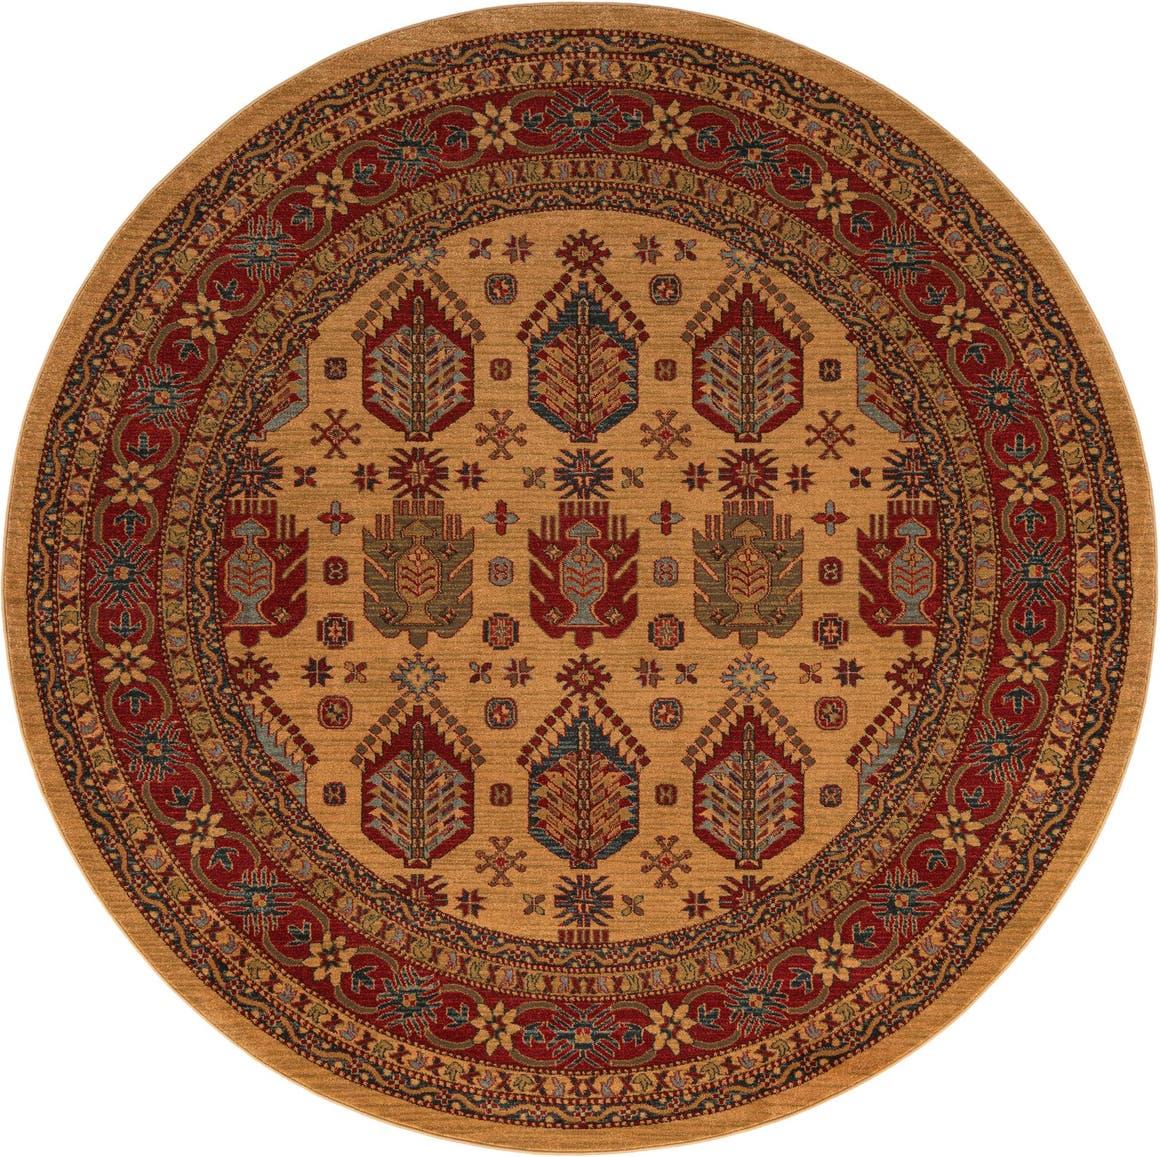 8' x 8' Serapi Round Rug main image